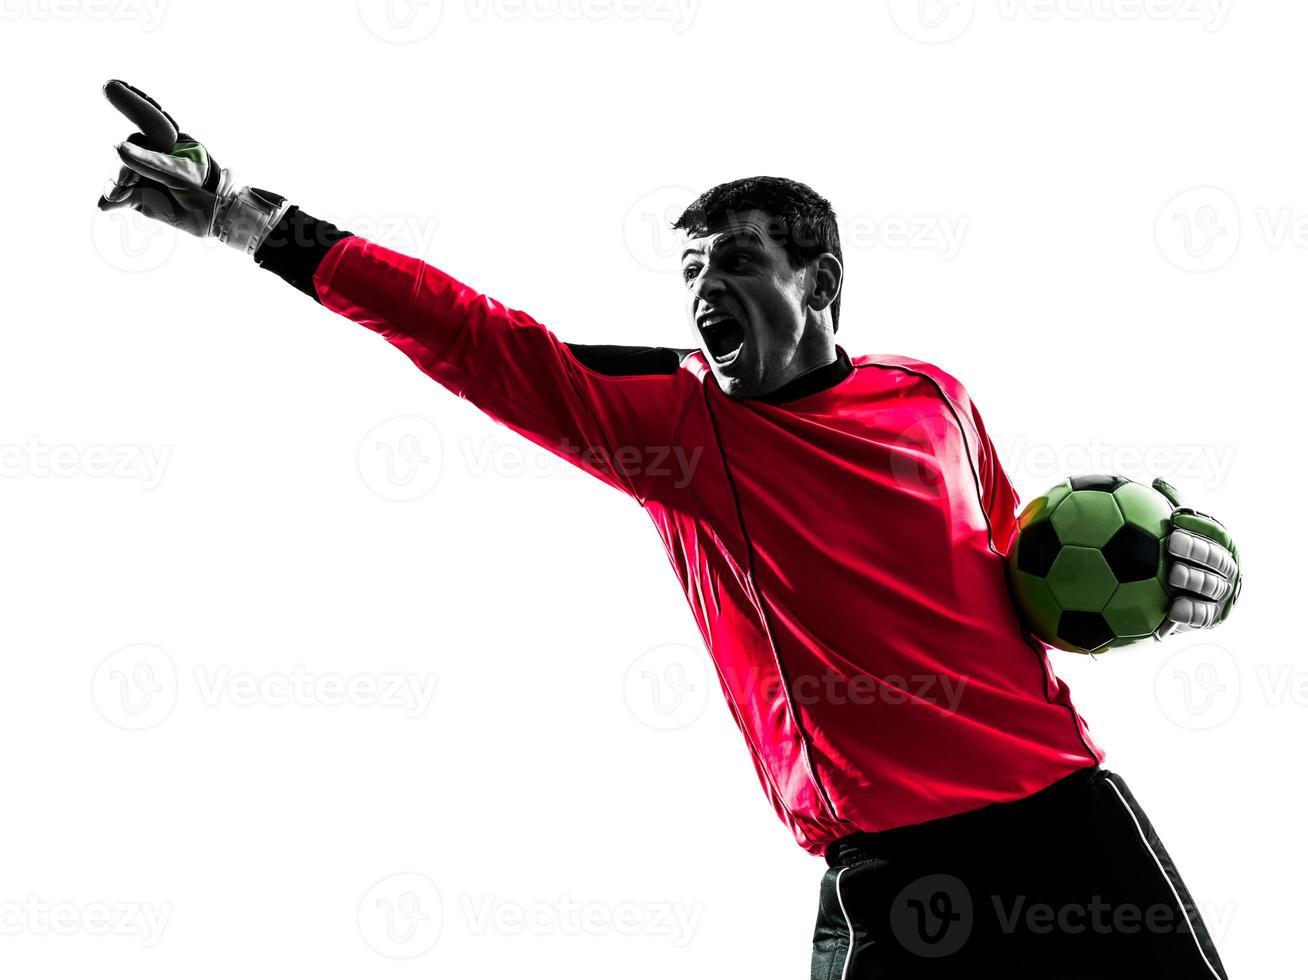 kaukasischer Fußballspieler-Torhütermann, der Silhouette zeigt foto